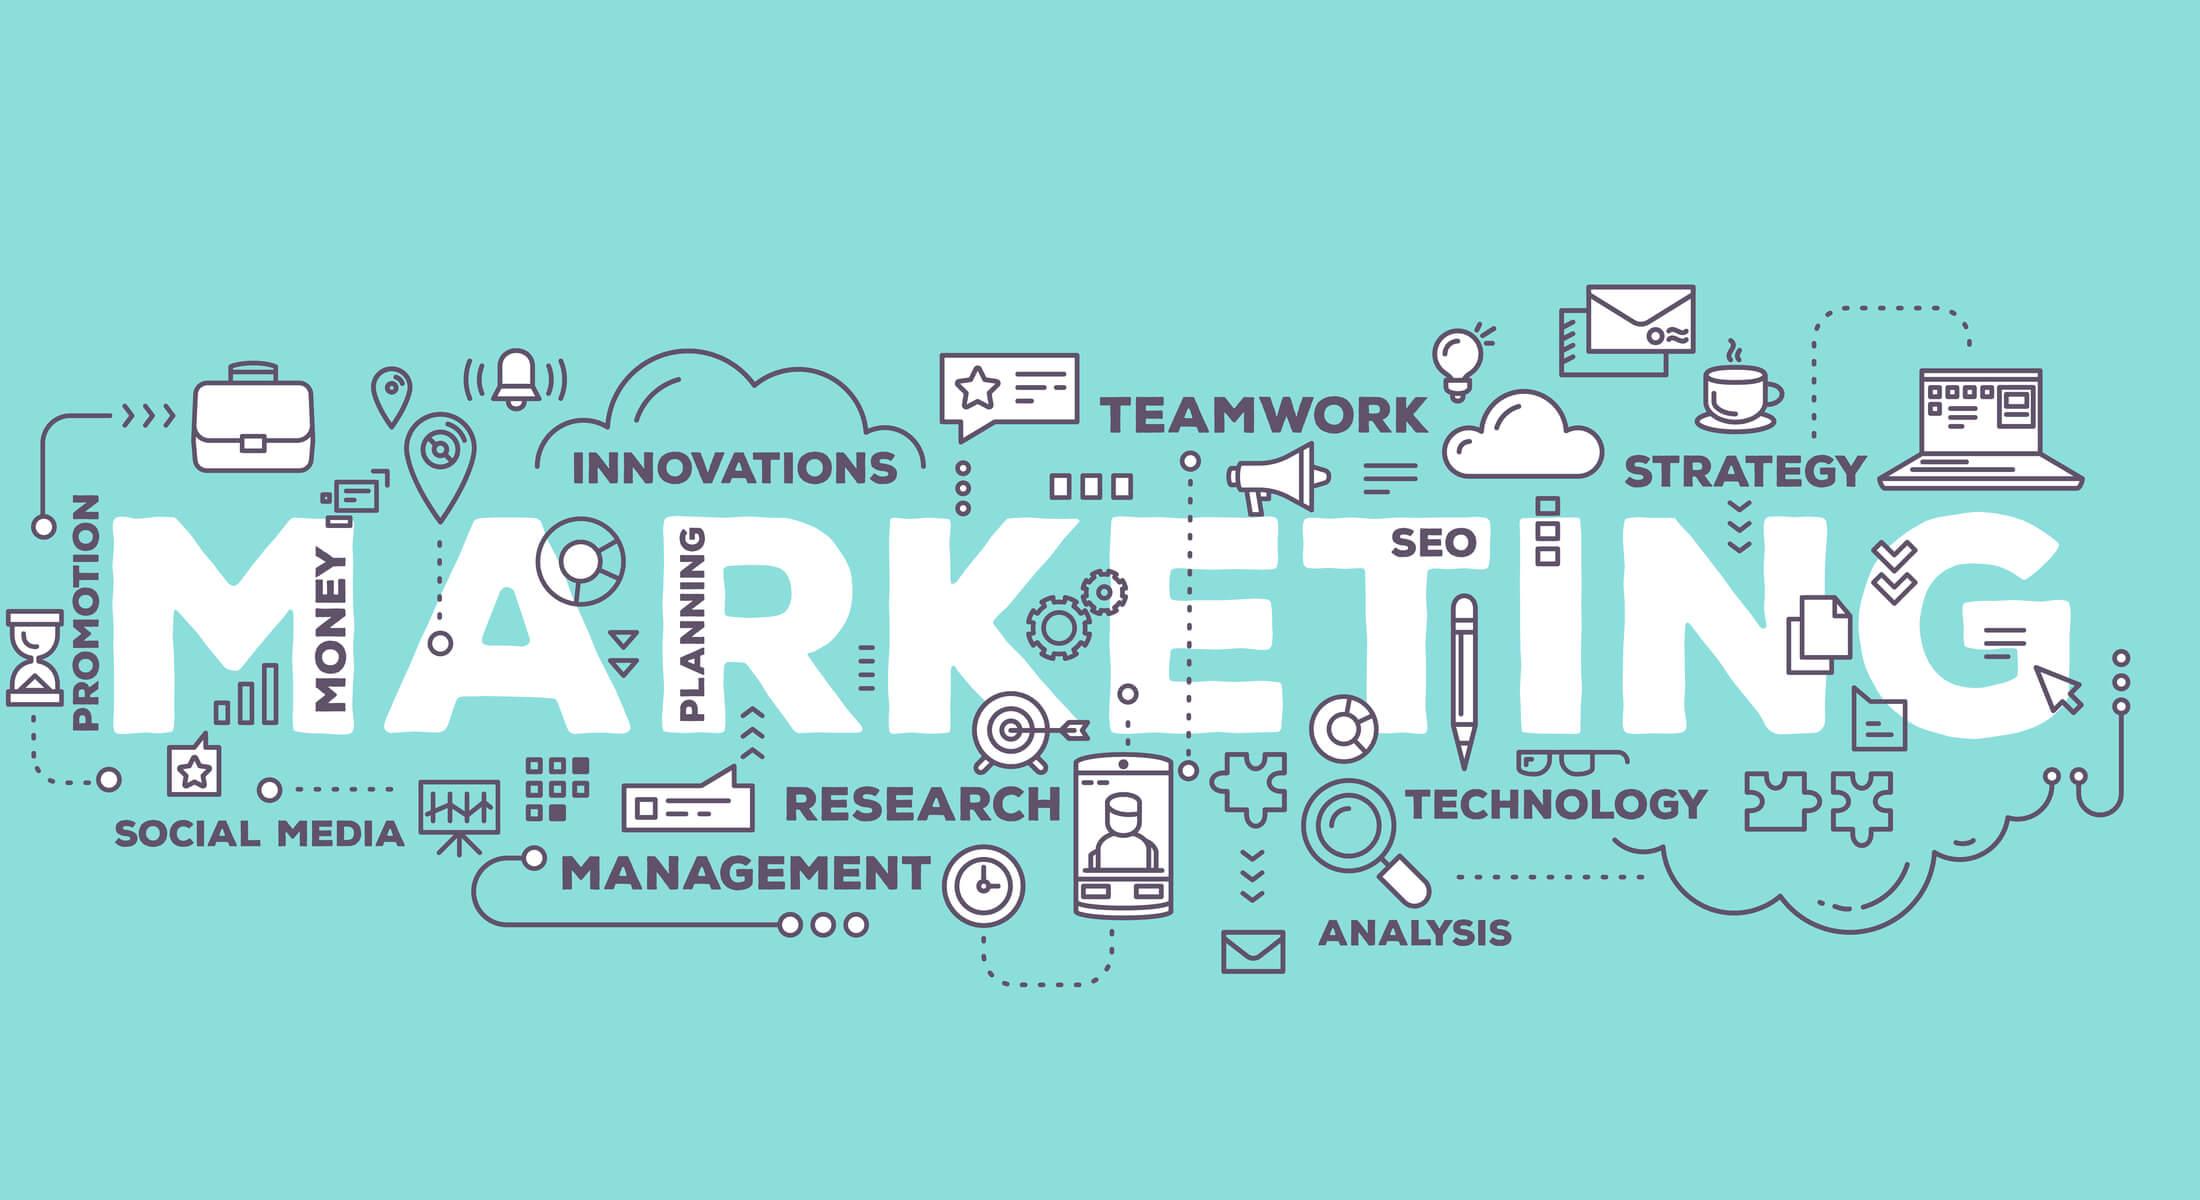 ilustração de marketing e termos relacionados